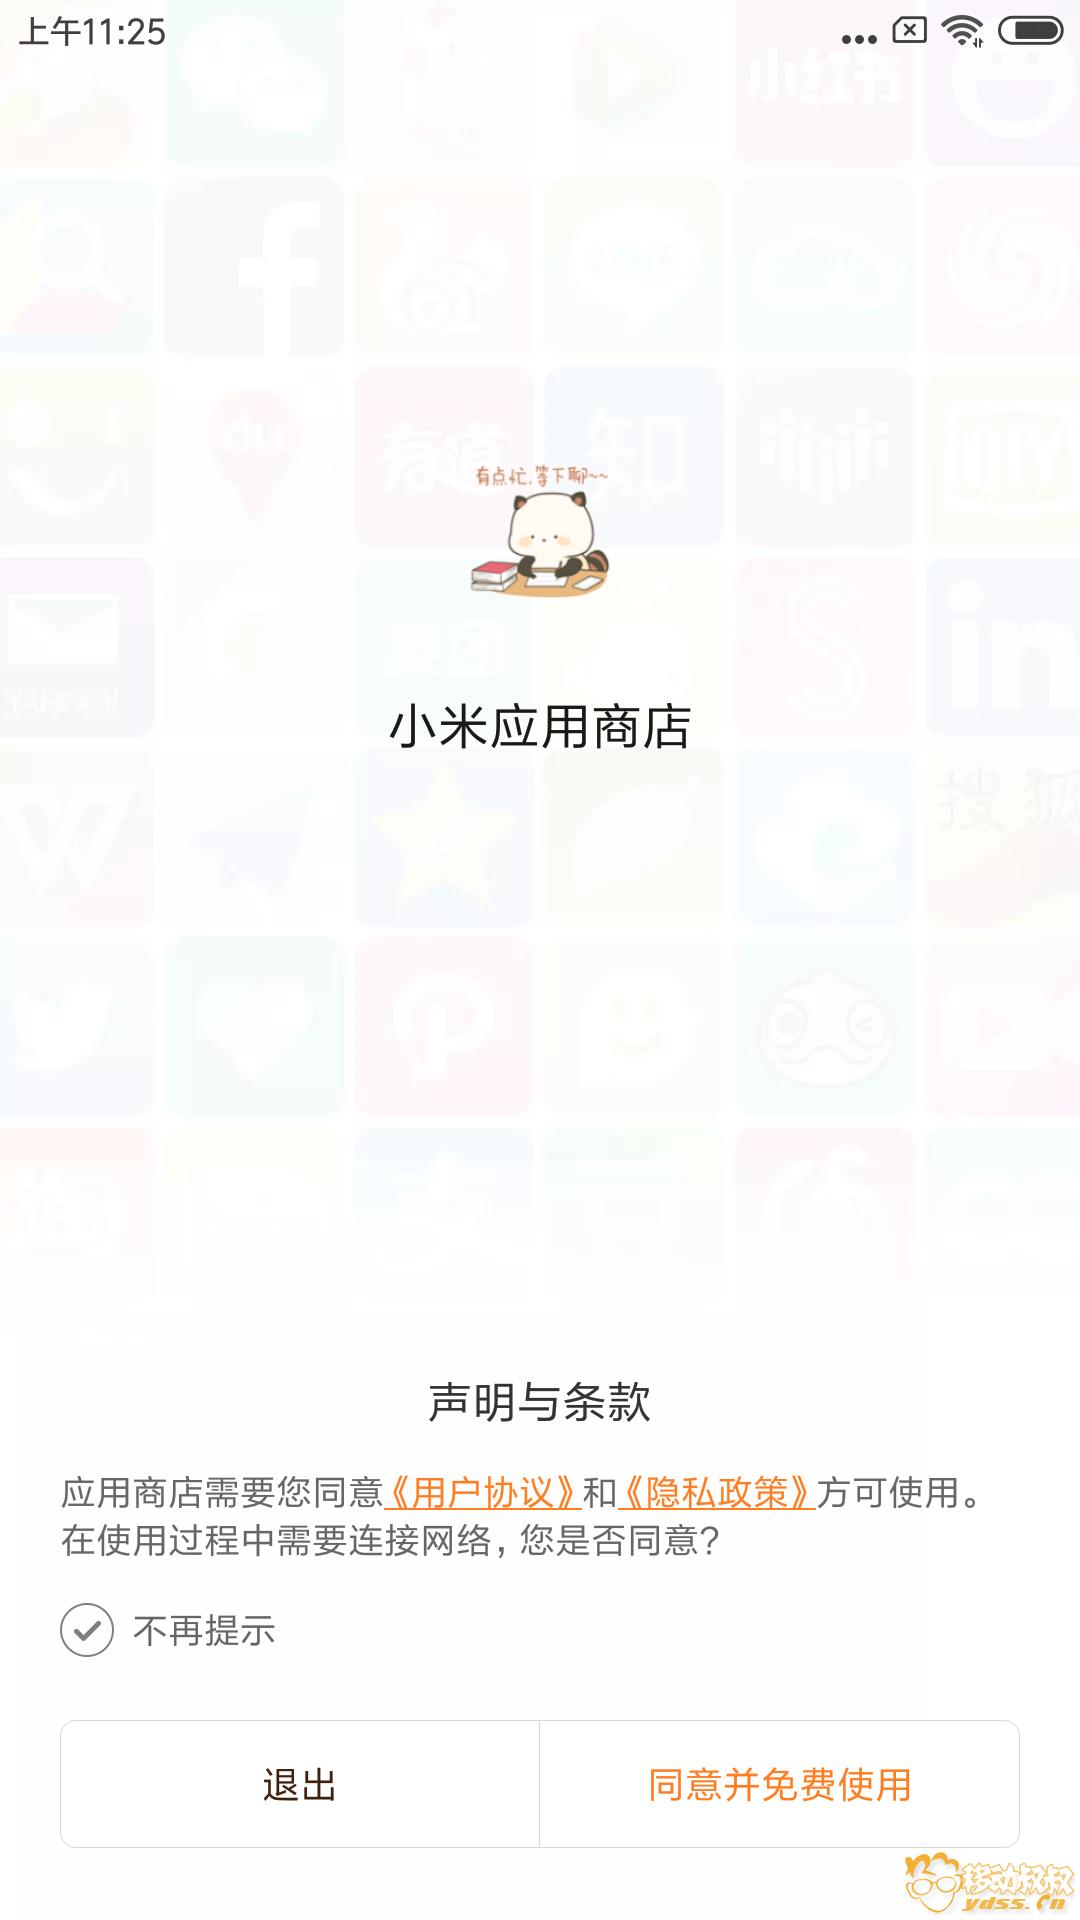 Screenshot_2018-10-26-11-25-28-313_com.xiaomi.market.png